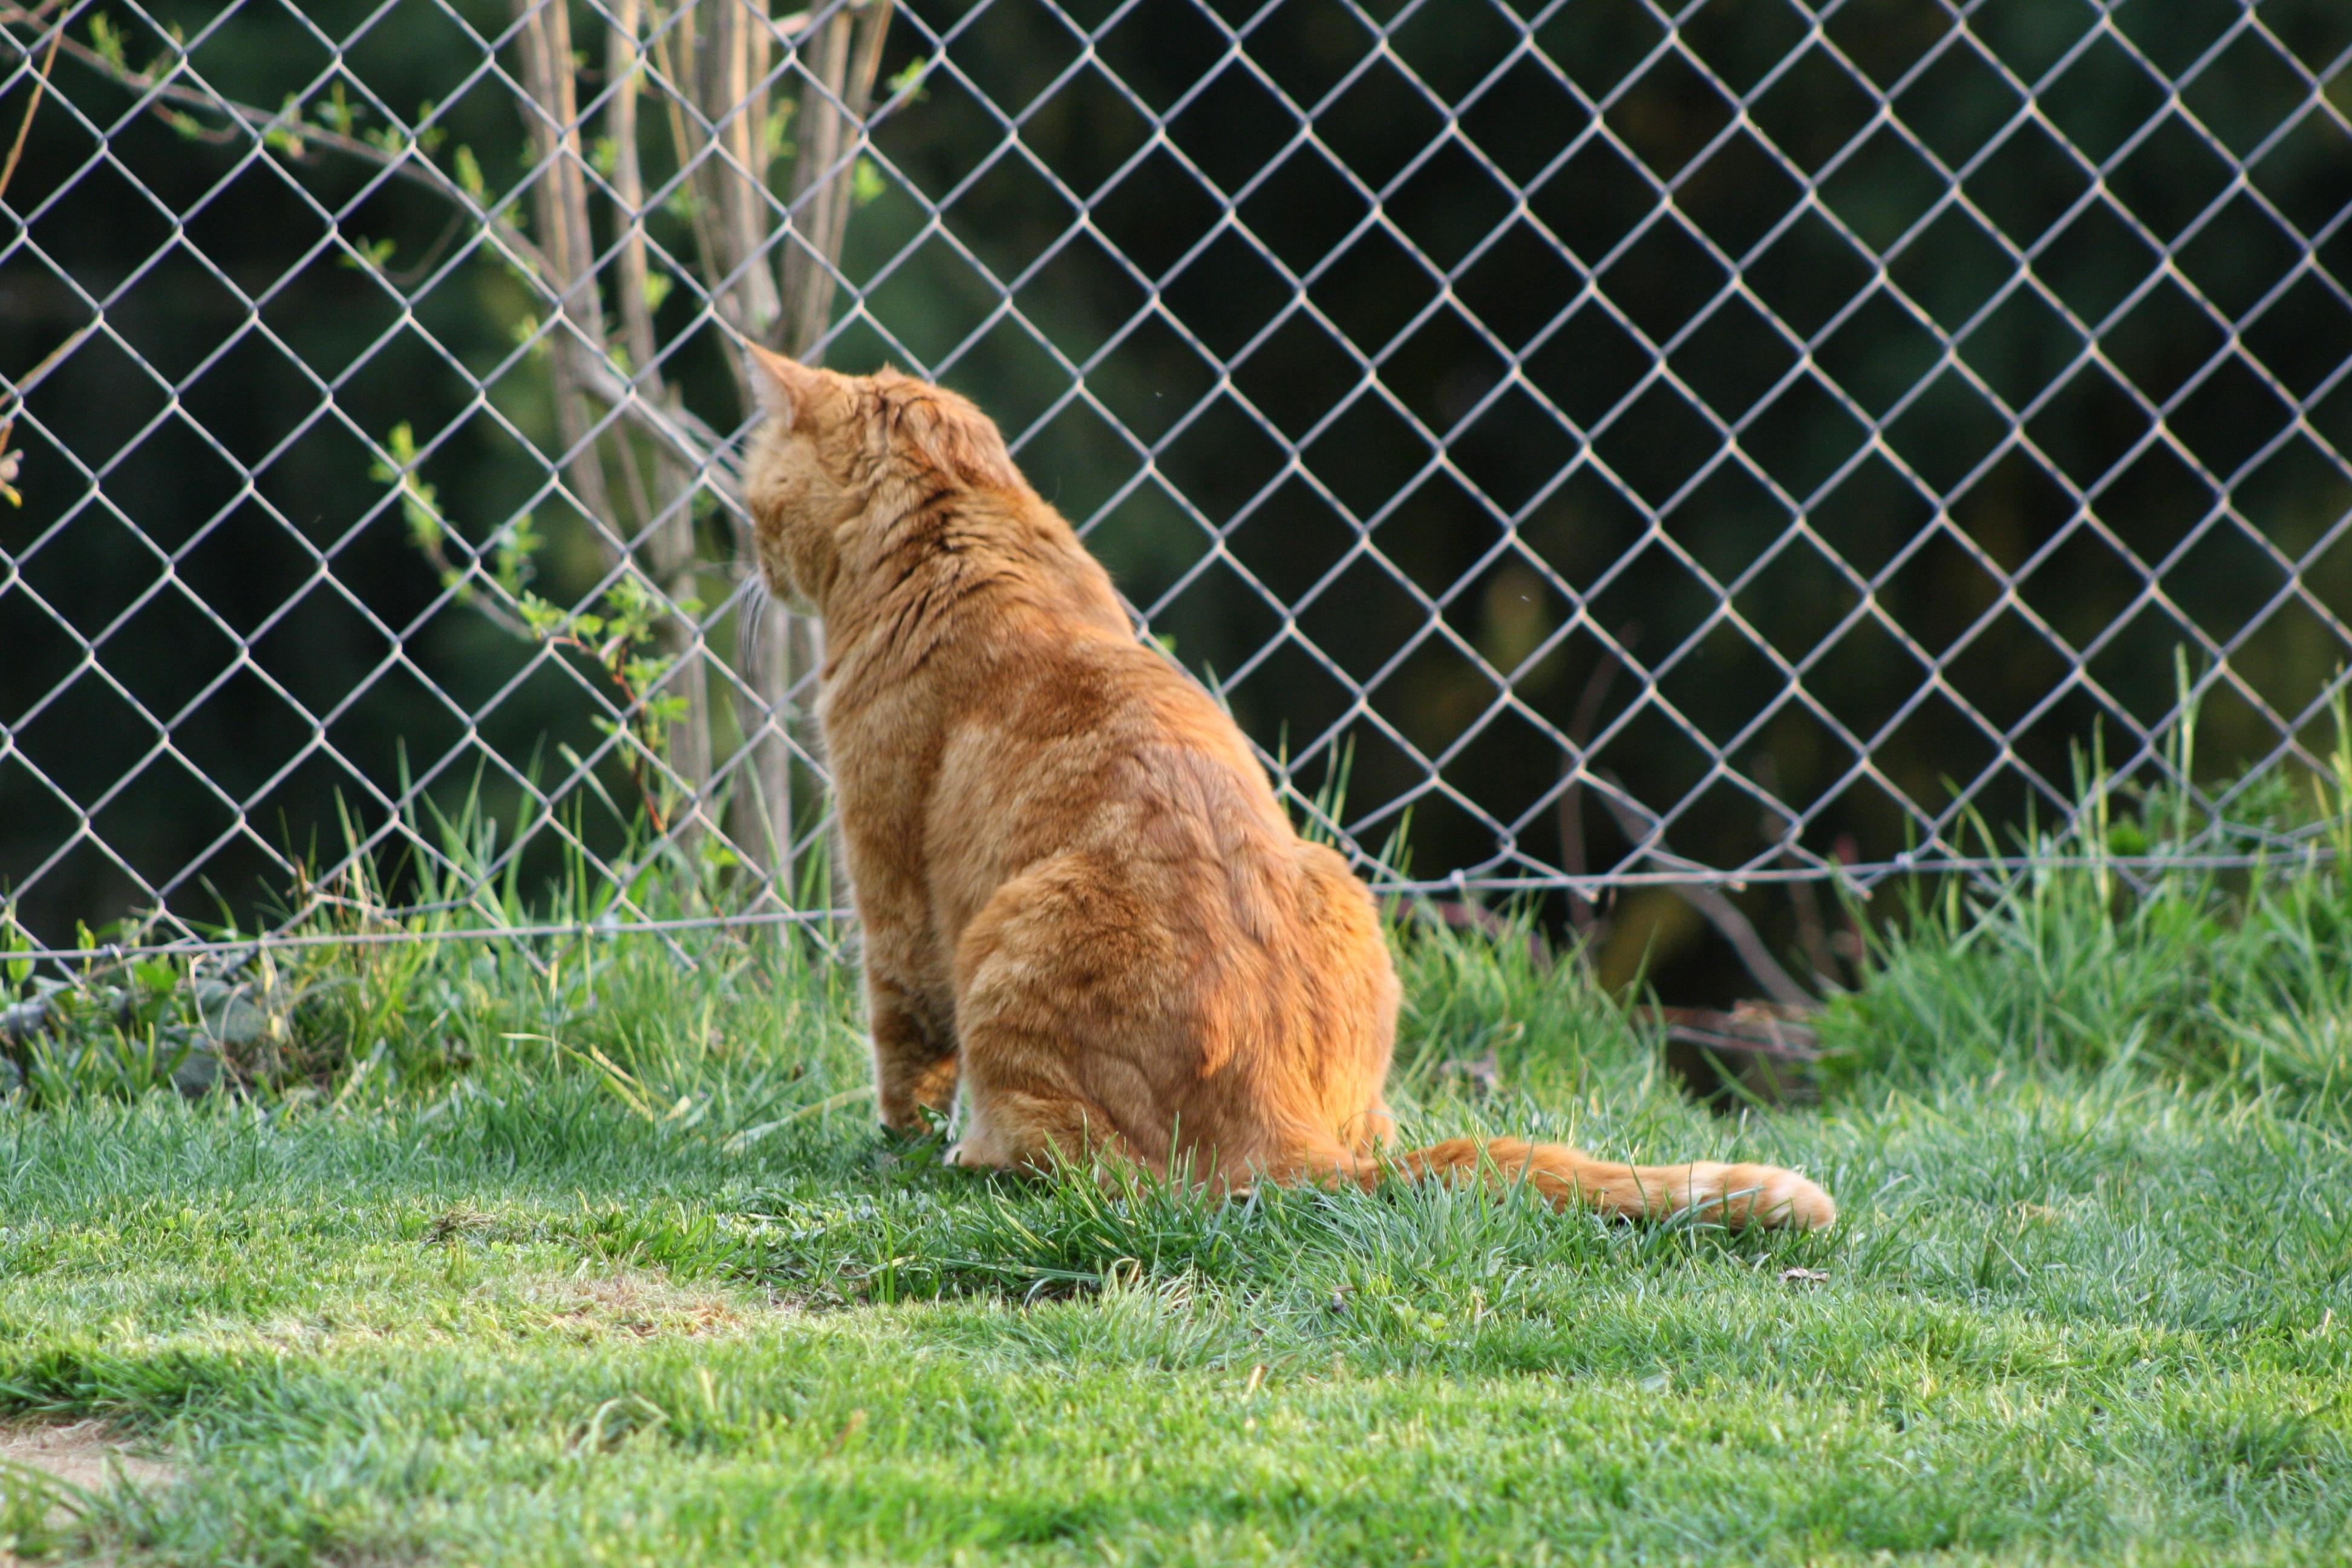 Recinzione Giardino Per Gatti.Immagini Belle Erba Animale Domestico Primavera Fauna Sedersi